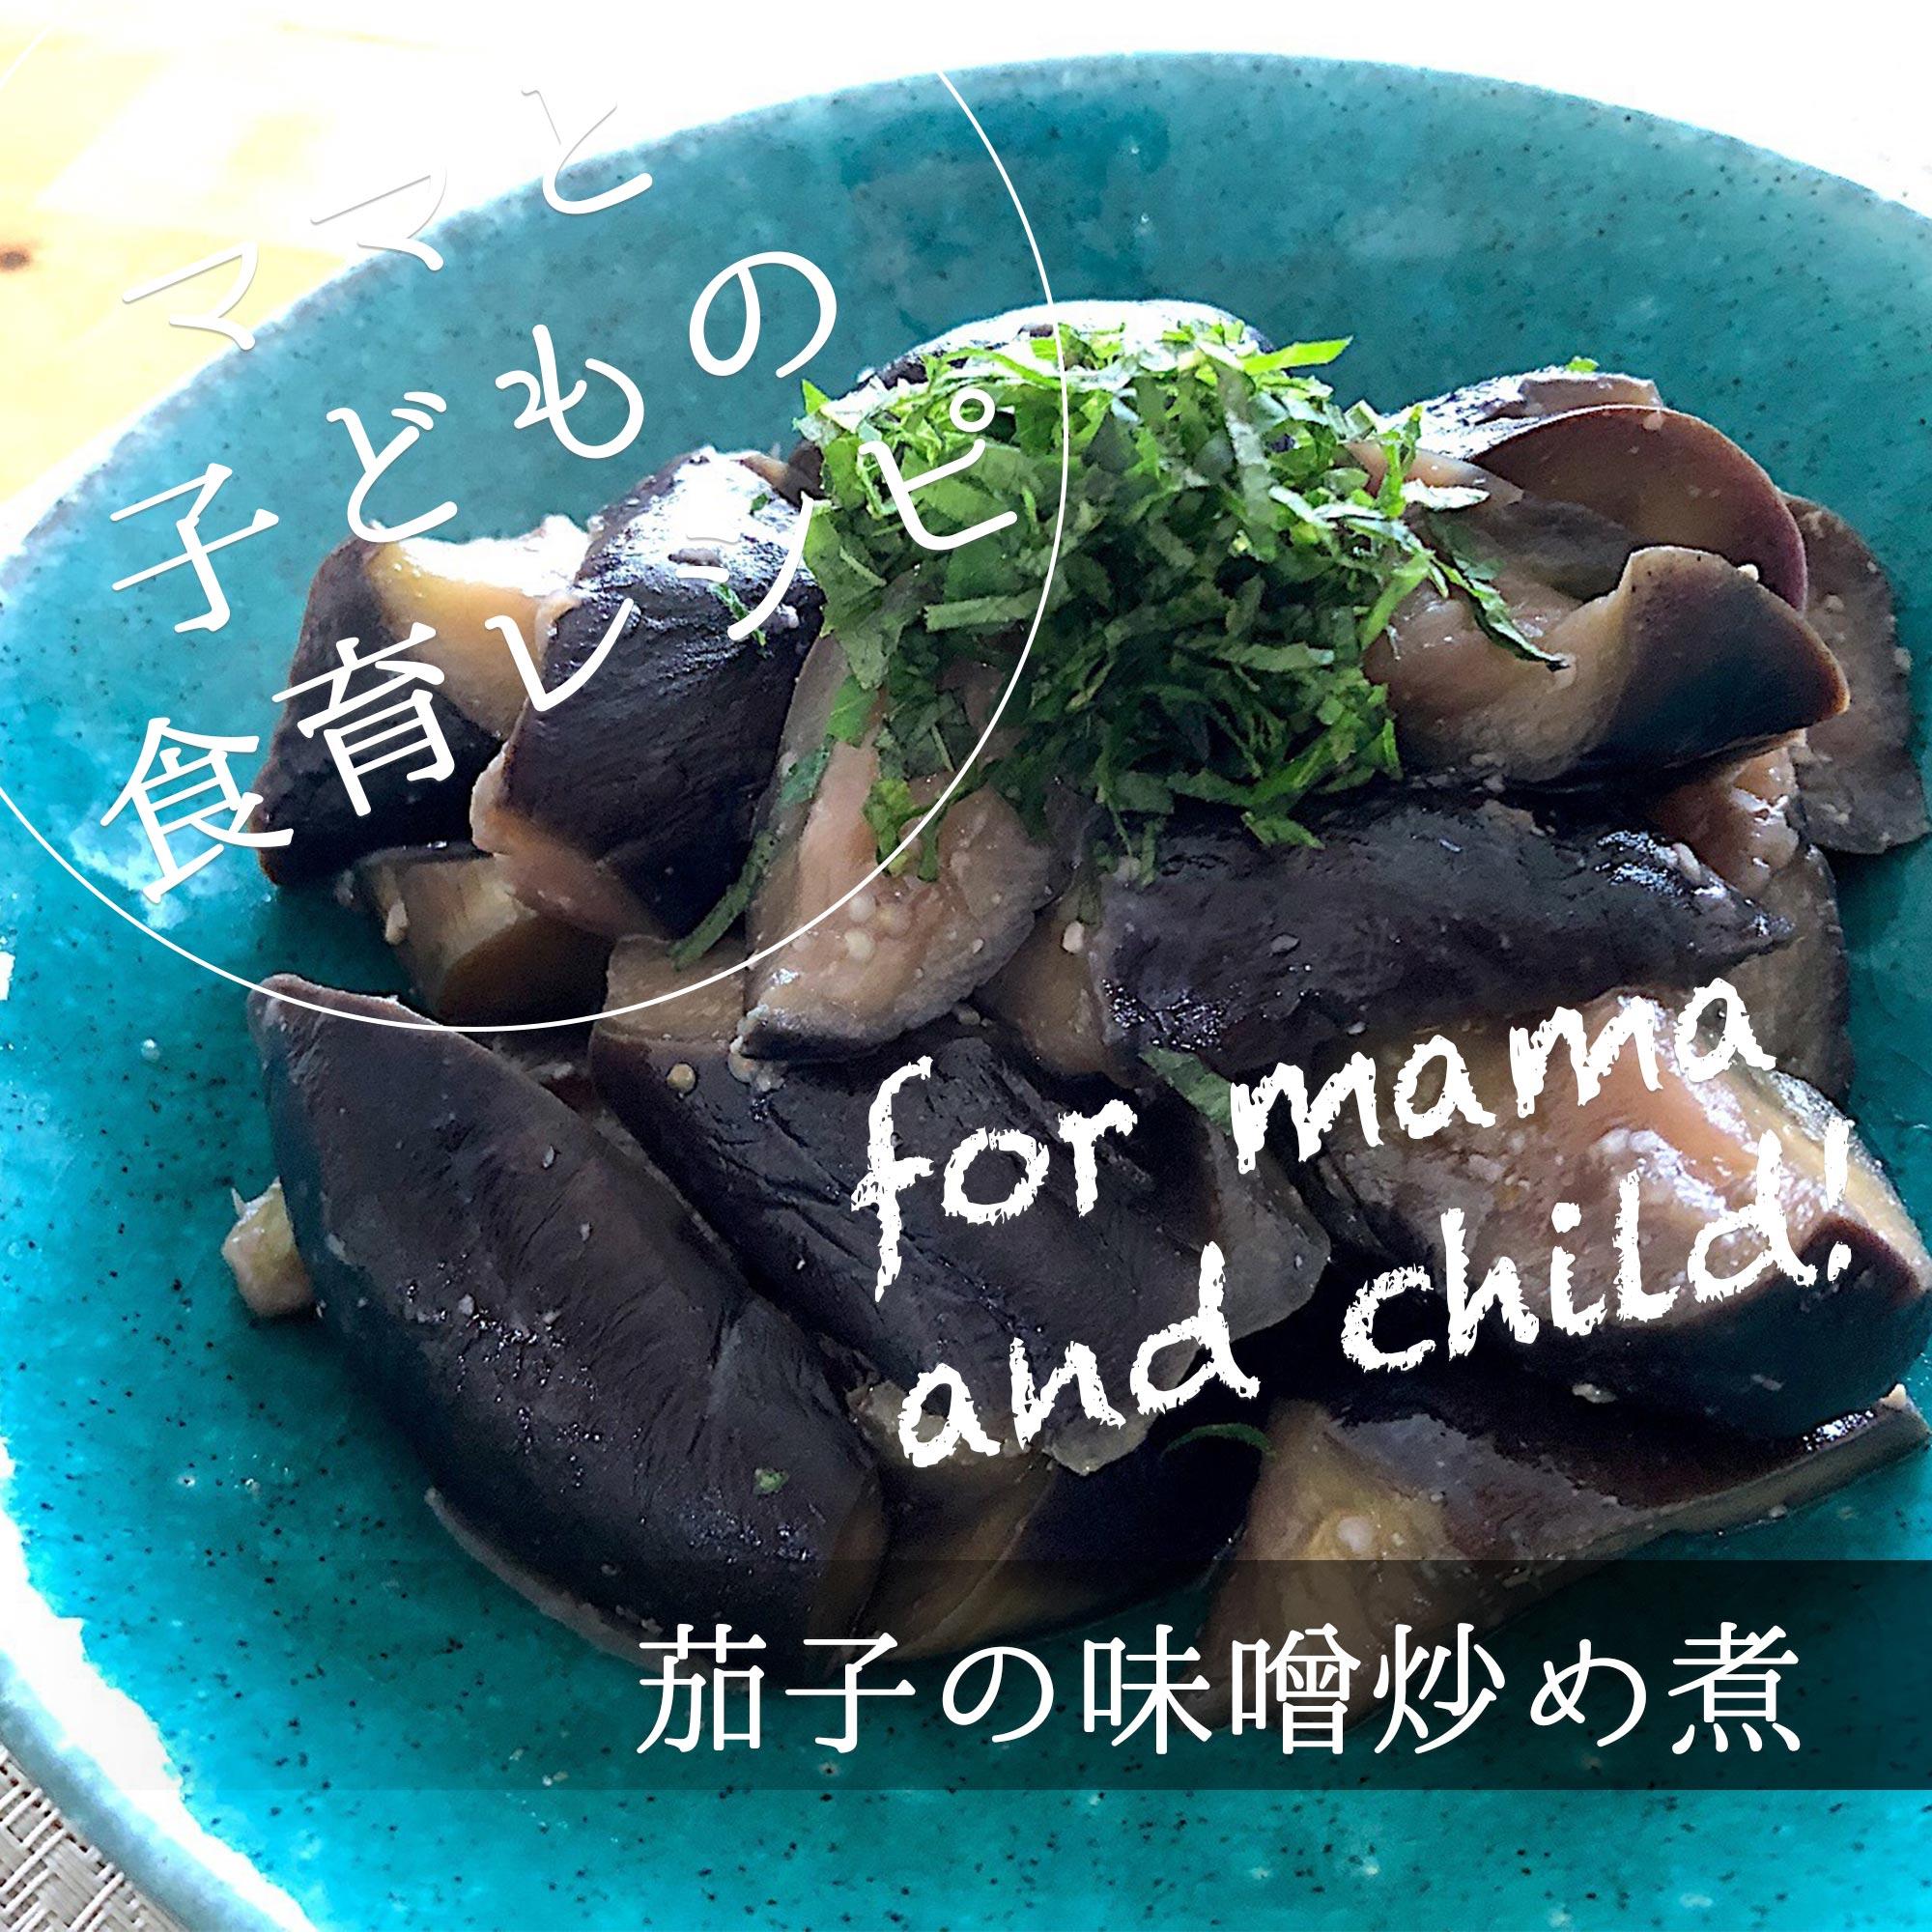 茄子の味噌炒め煮